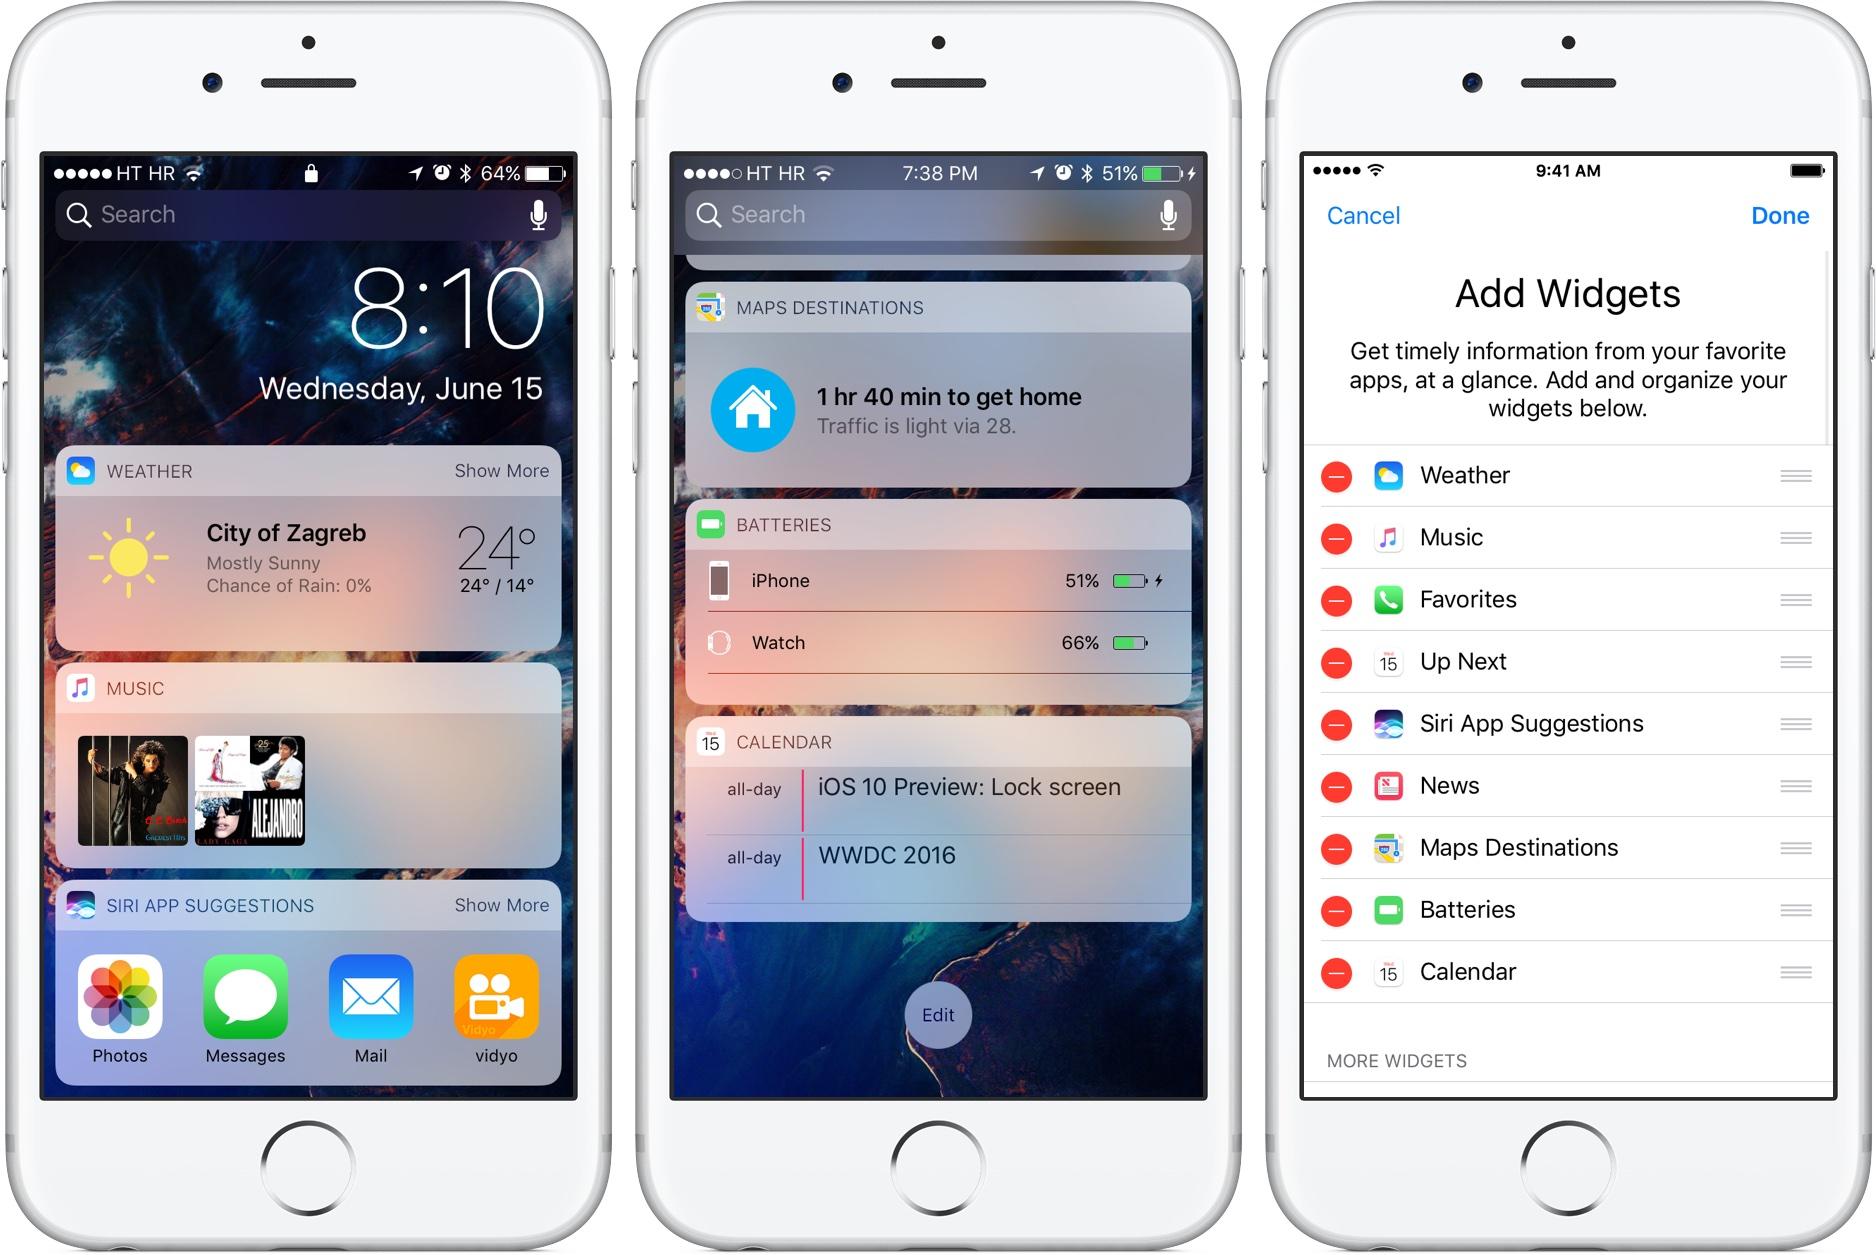 iOS 10 Bloqueo de pantalla de gestión de widgets iPhone captura de pantalla 001